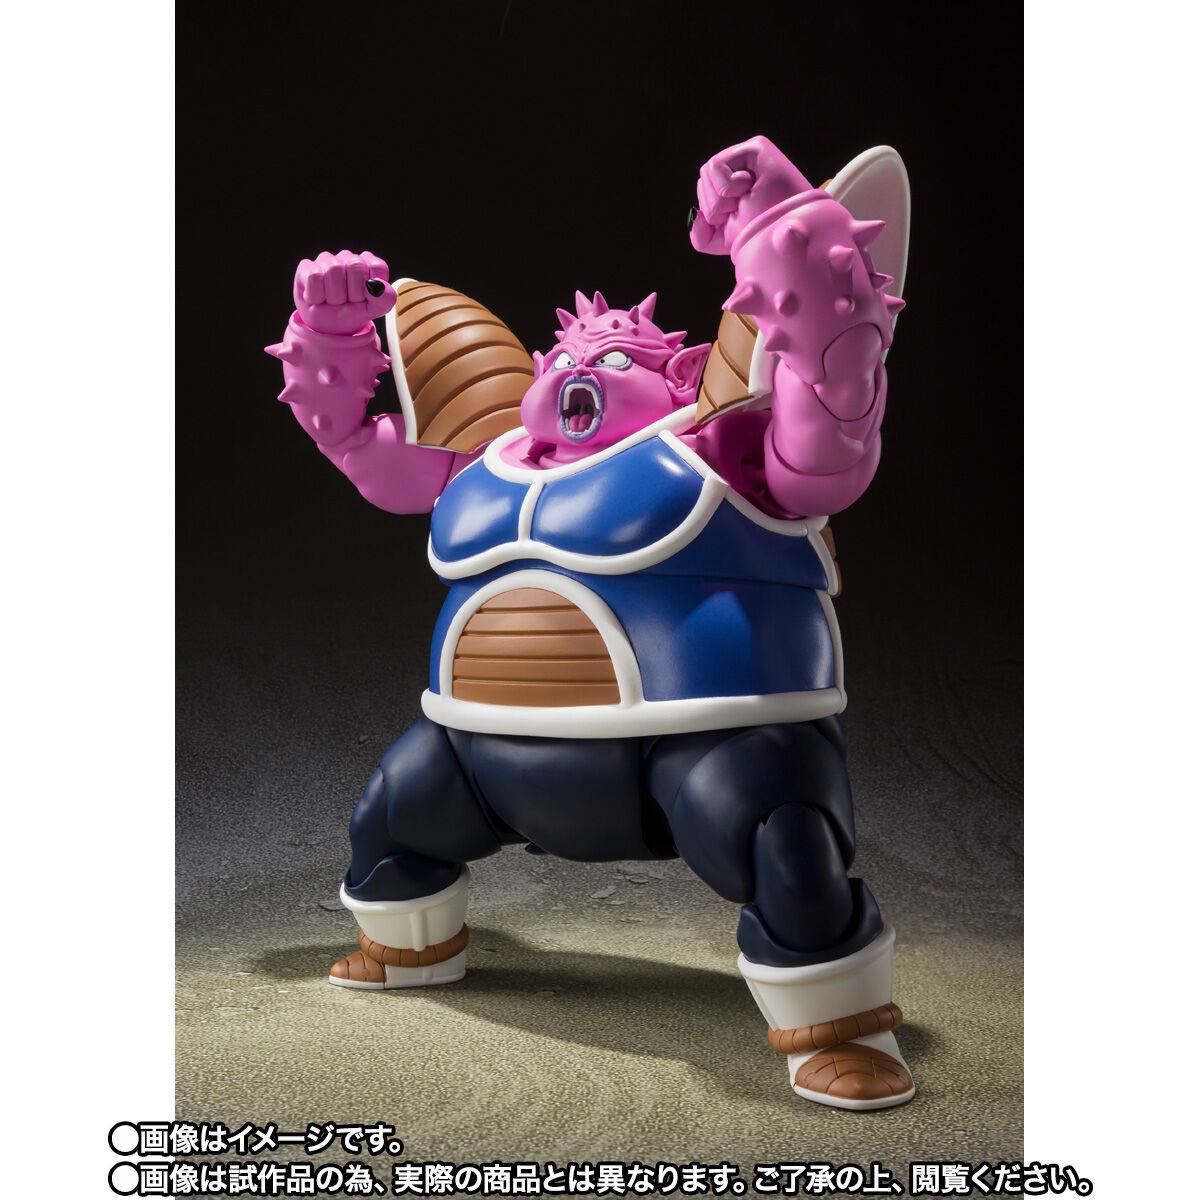 【限定販売】S.H.Figuarts『ドドリア』ドラゴンボールZ 可動フィギュア-005